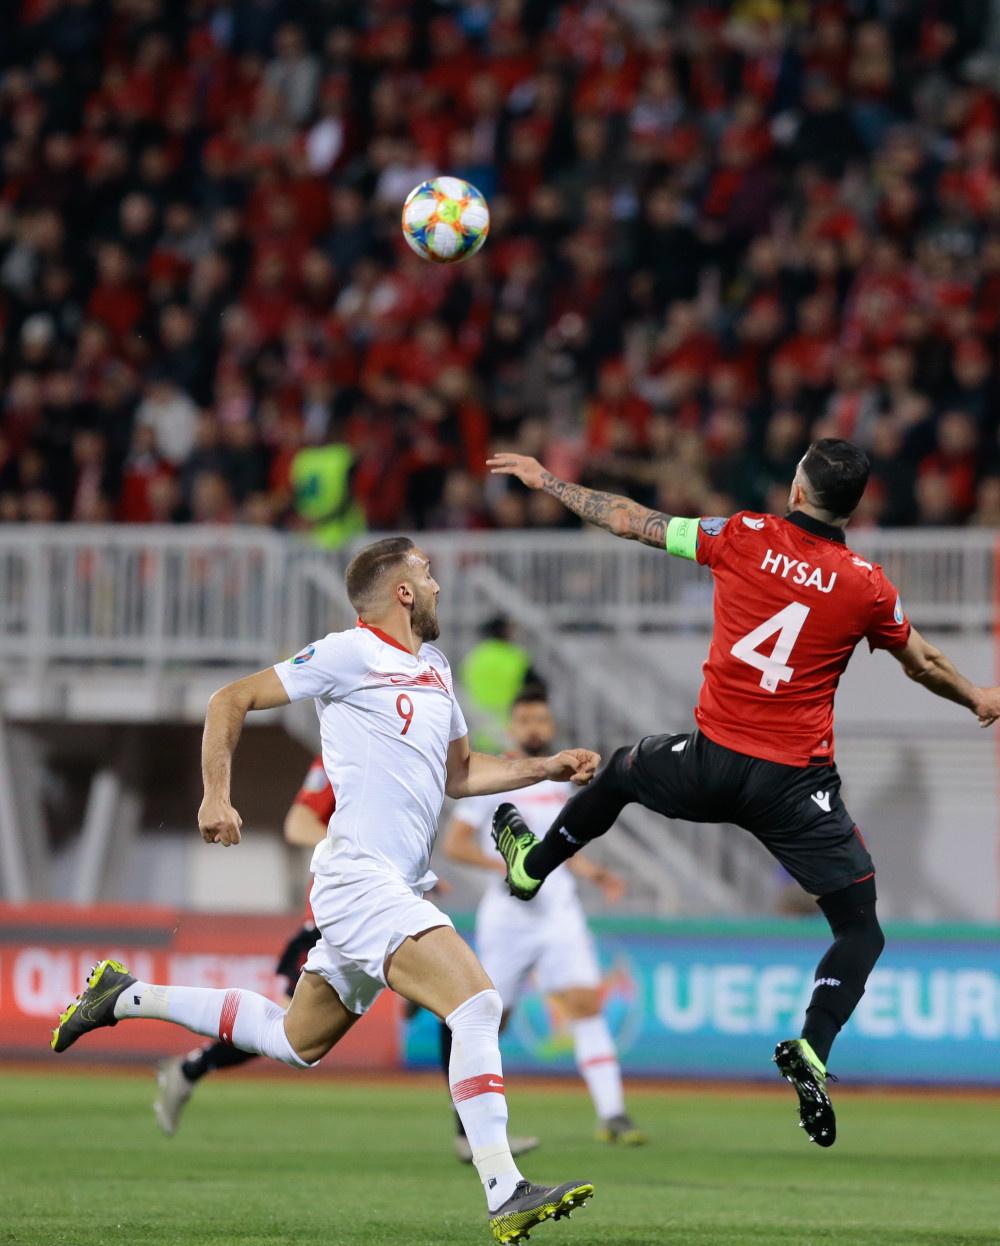 Arnavutluk - Türkiye maçından kareler - Sayfa 4